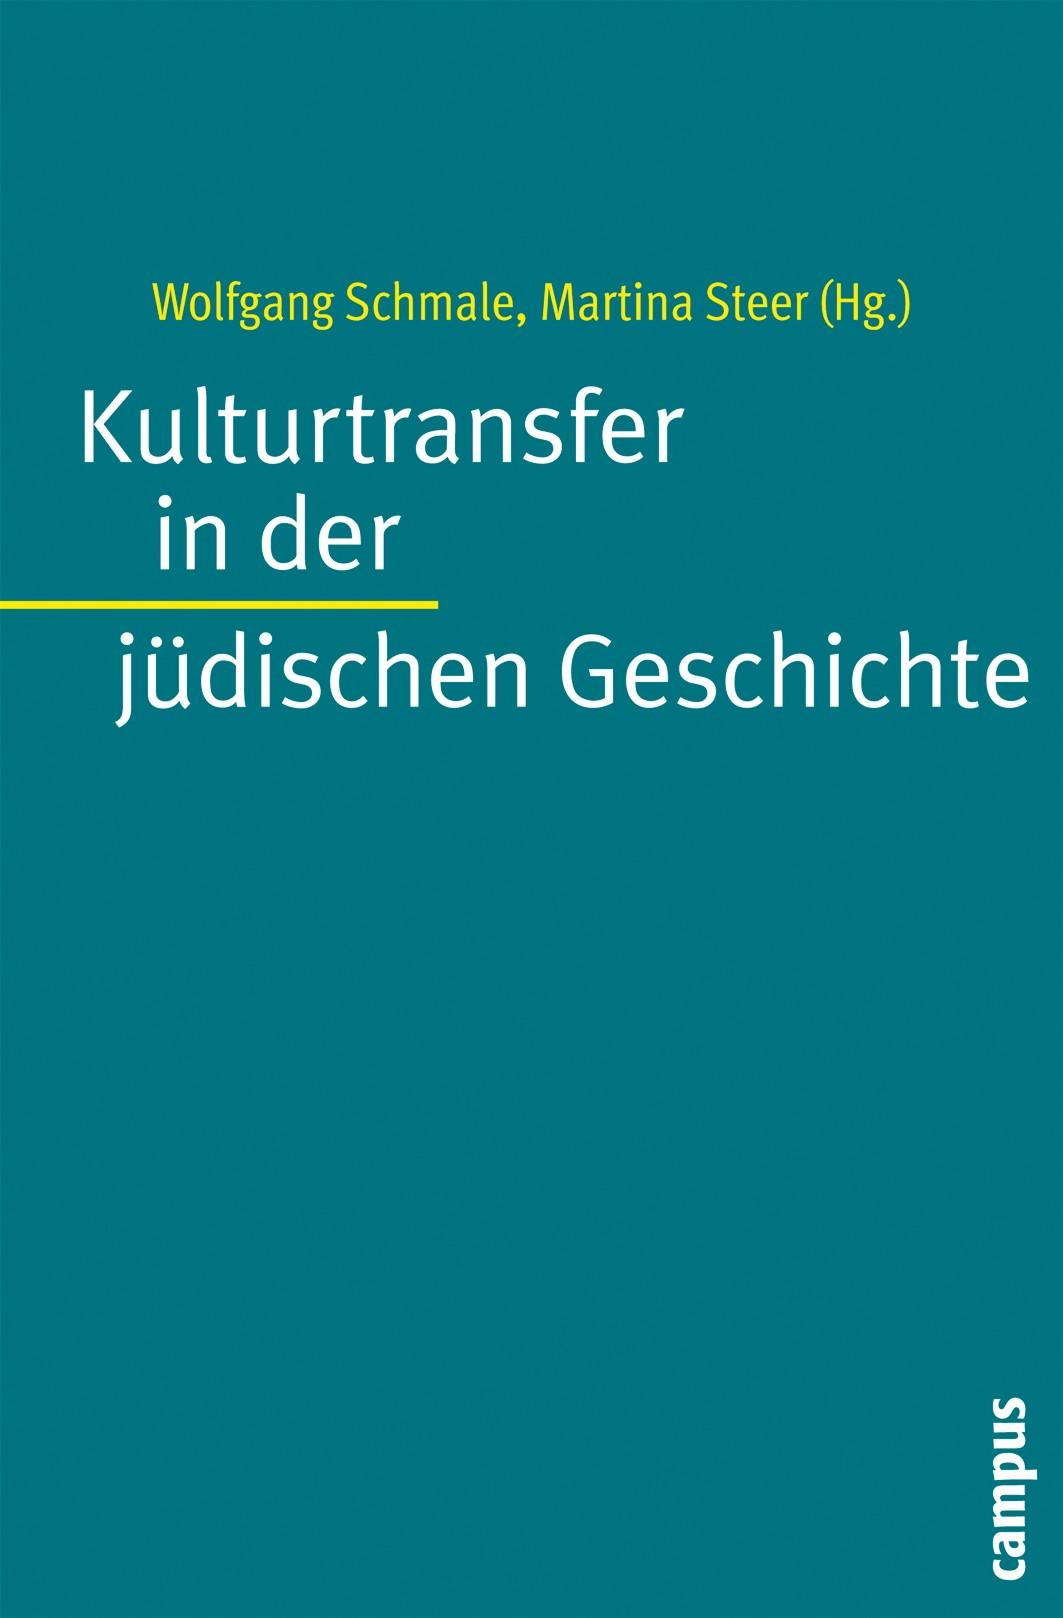 Abbildung von Schmale / Steer | Kulturtransfer in der jüdischen Geschichte | 2006